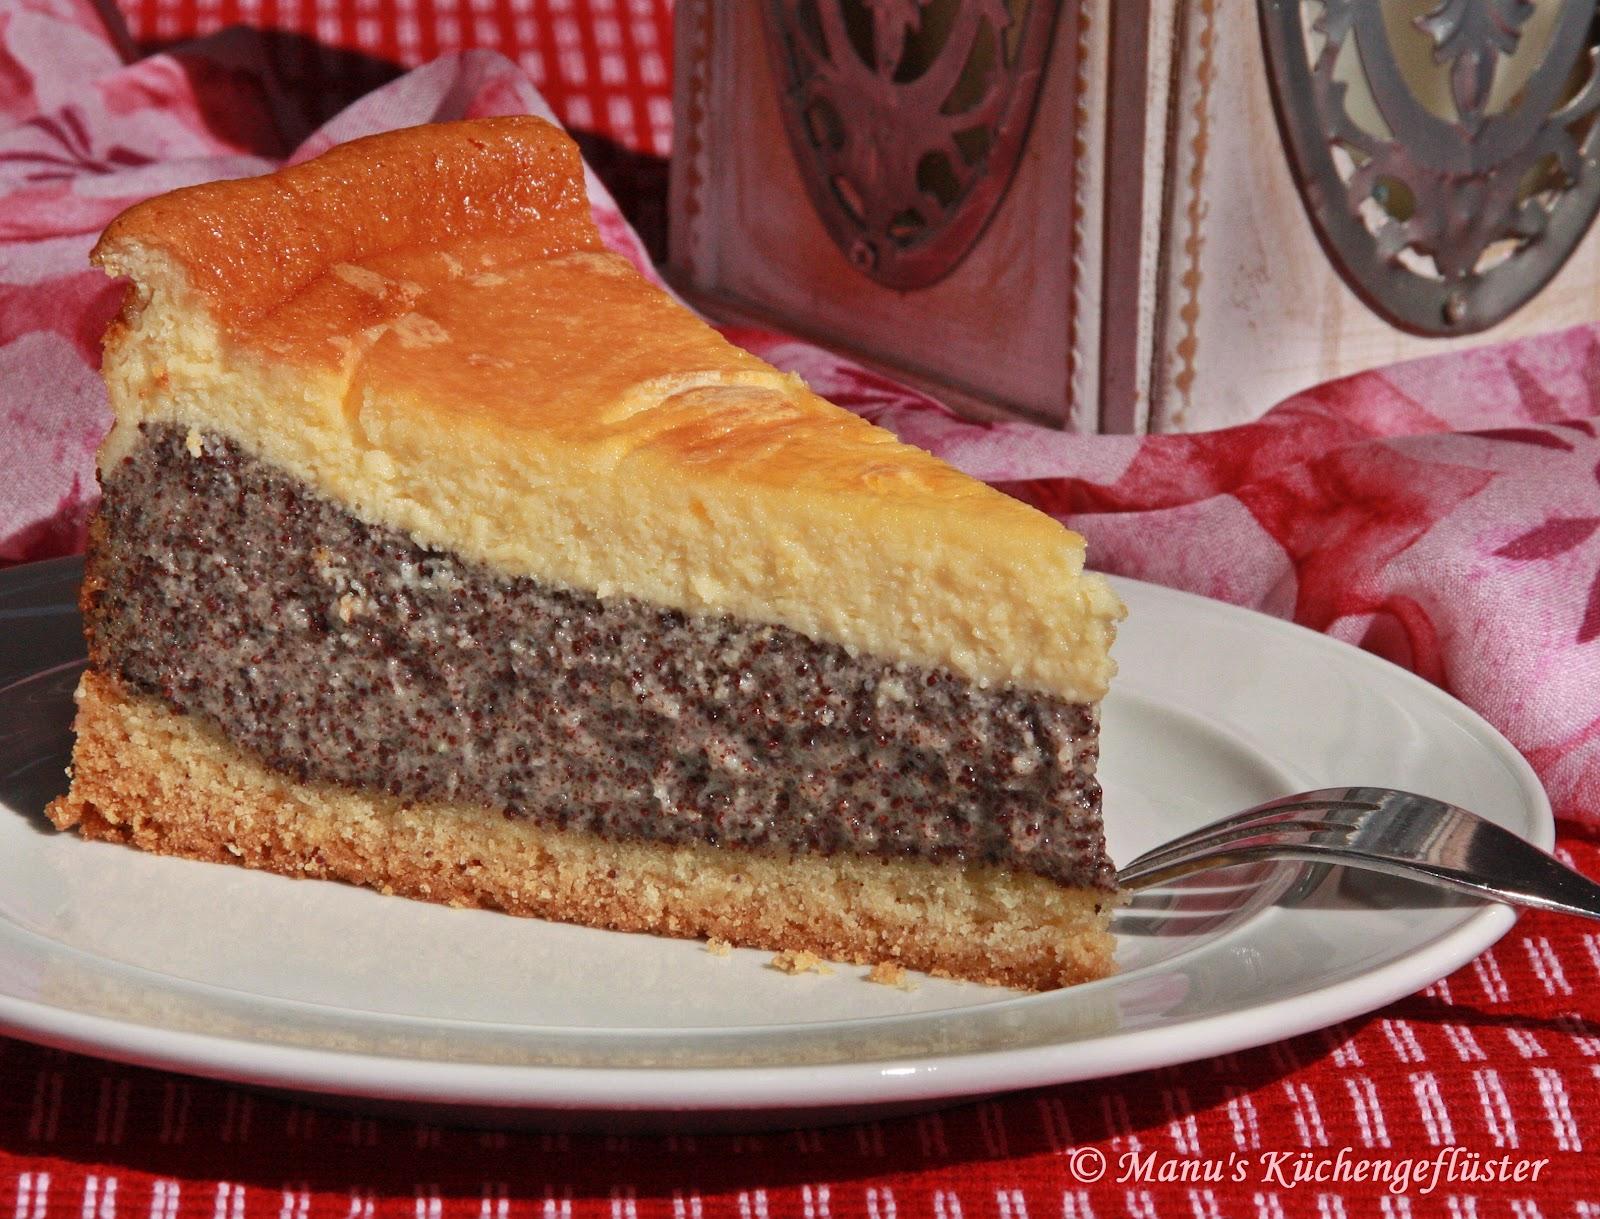 Manus Kuchengefluster Saftiger Mohnkuchen Mit Schmandguss